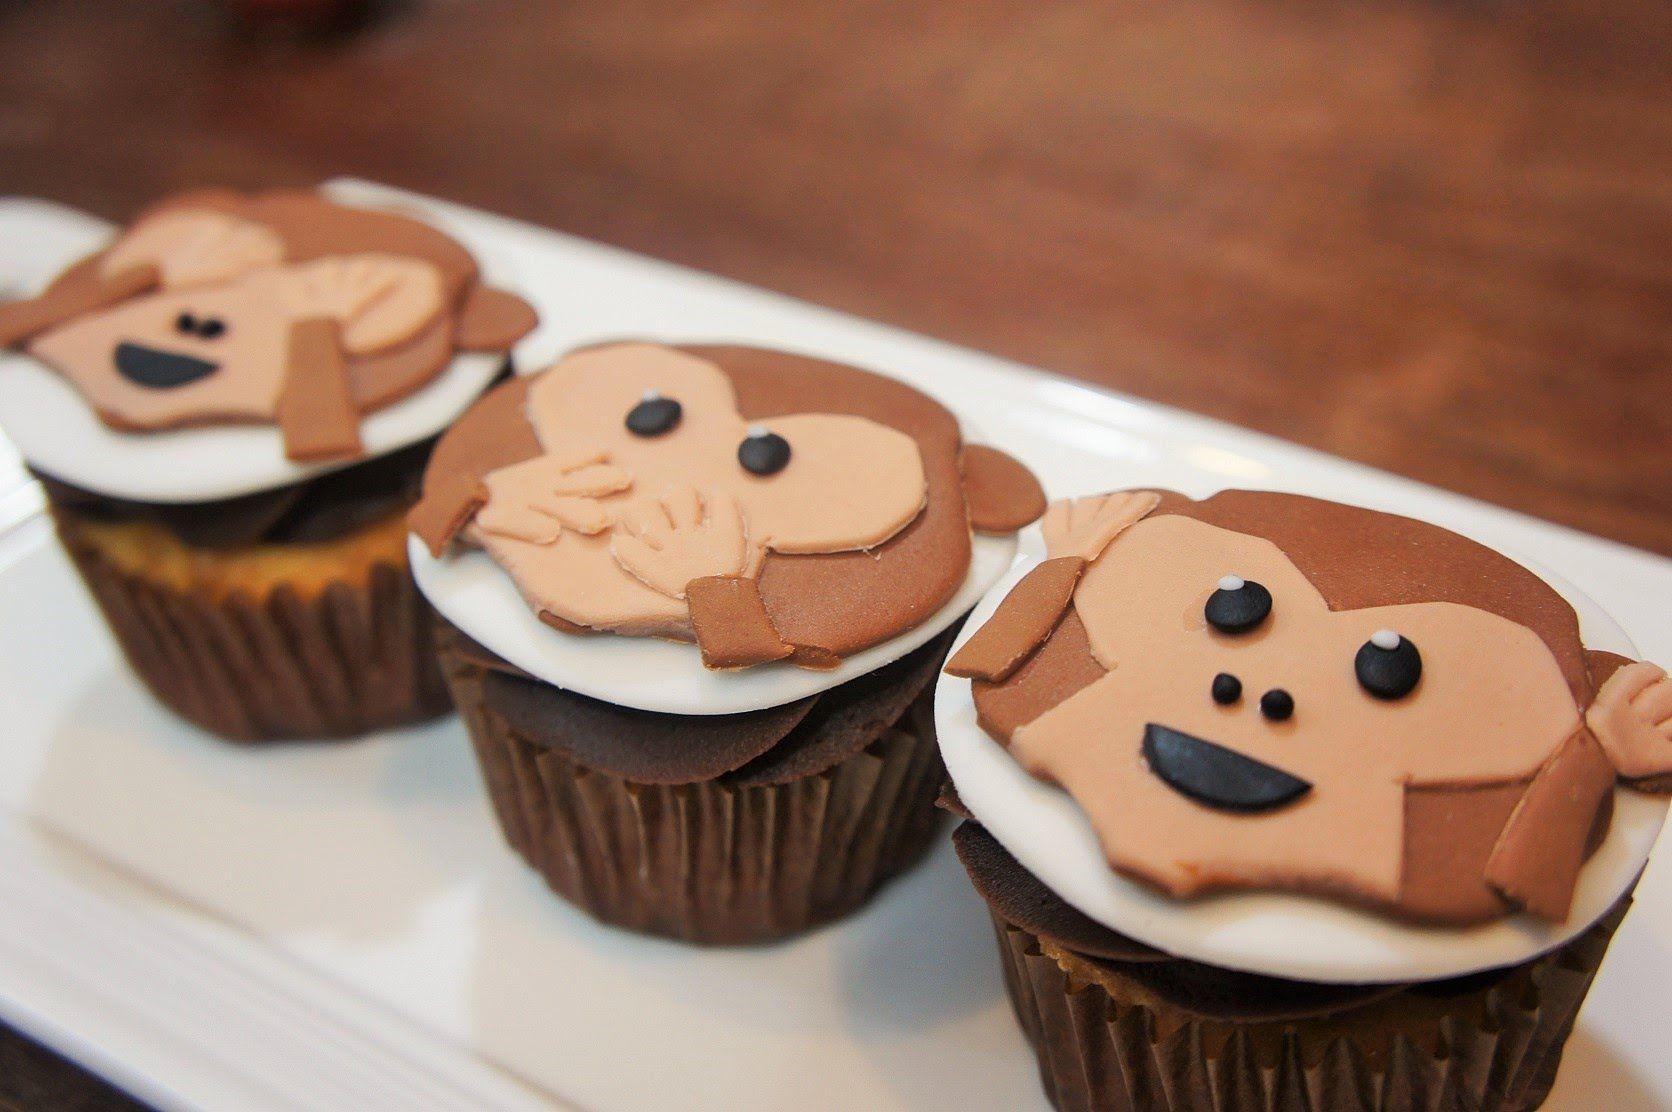 Cupcakes De Emoji Changuitos Baking Day Pastel De Emoji